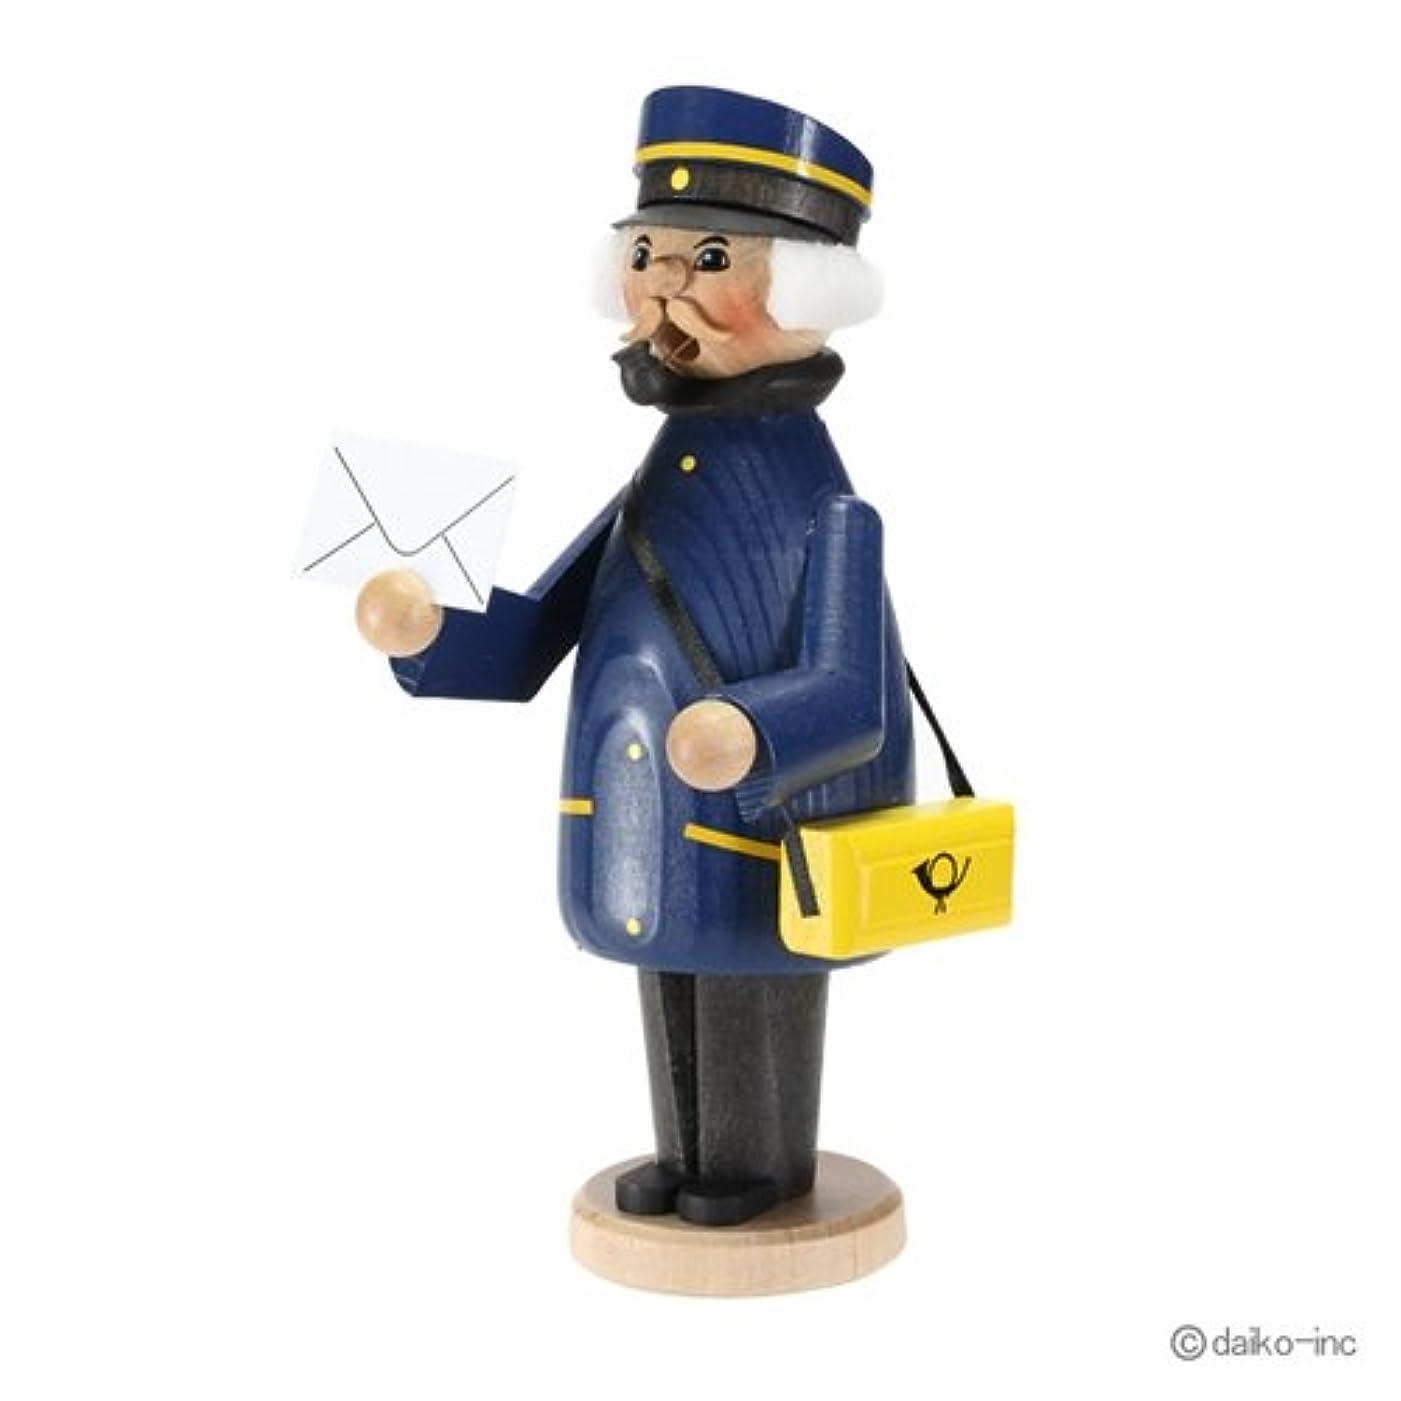 空気掻く意気揚々クーネルト kuhnert ミニパイプ人形香炉 郵便配達員